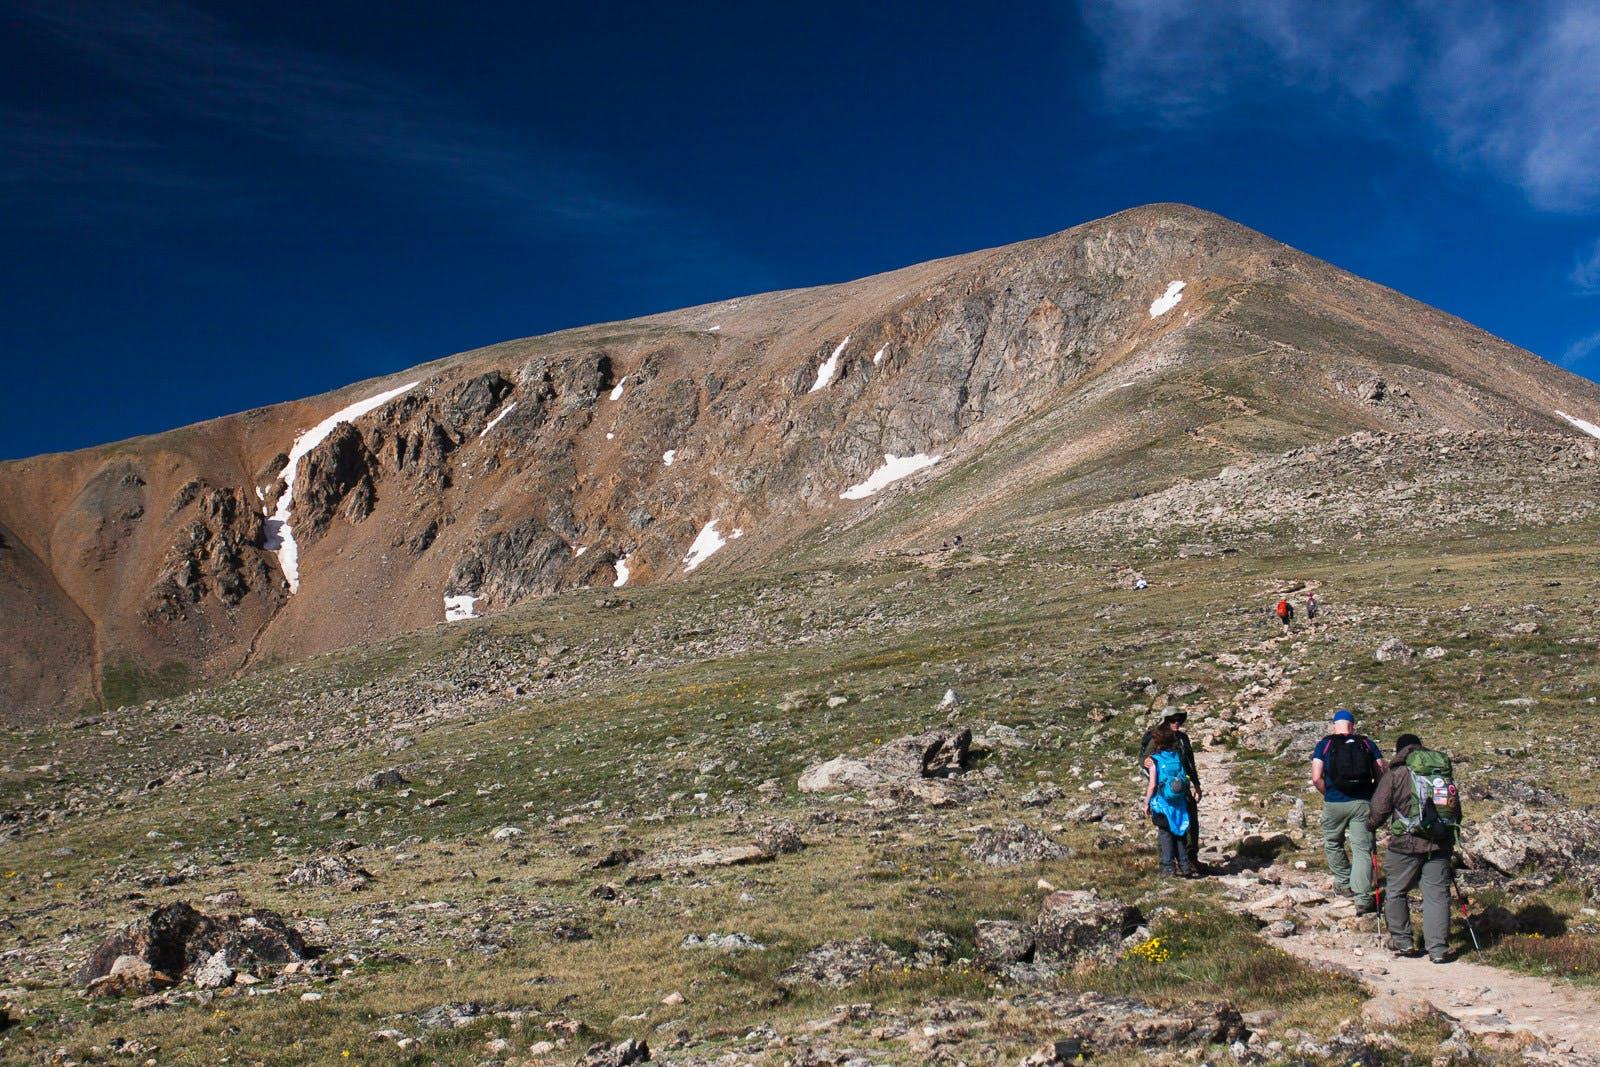 hikers going up to the peak of Mount Elbert